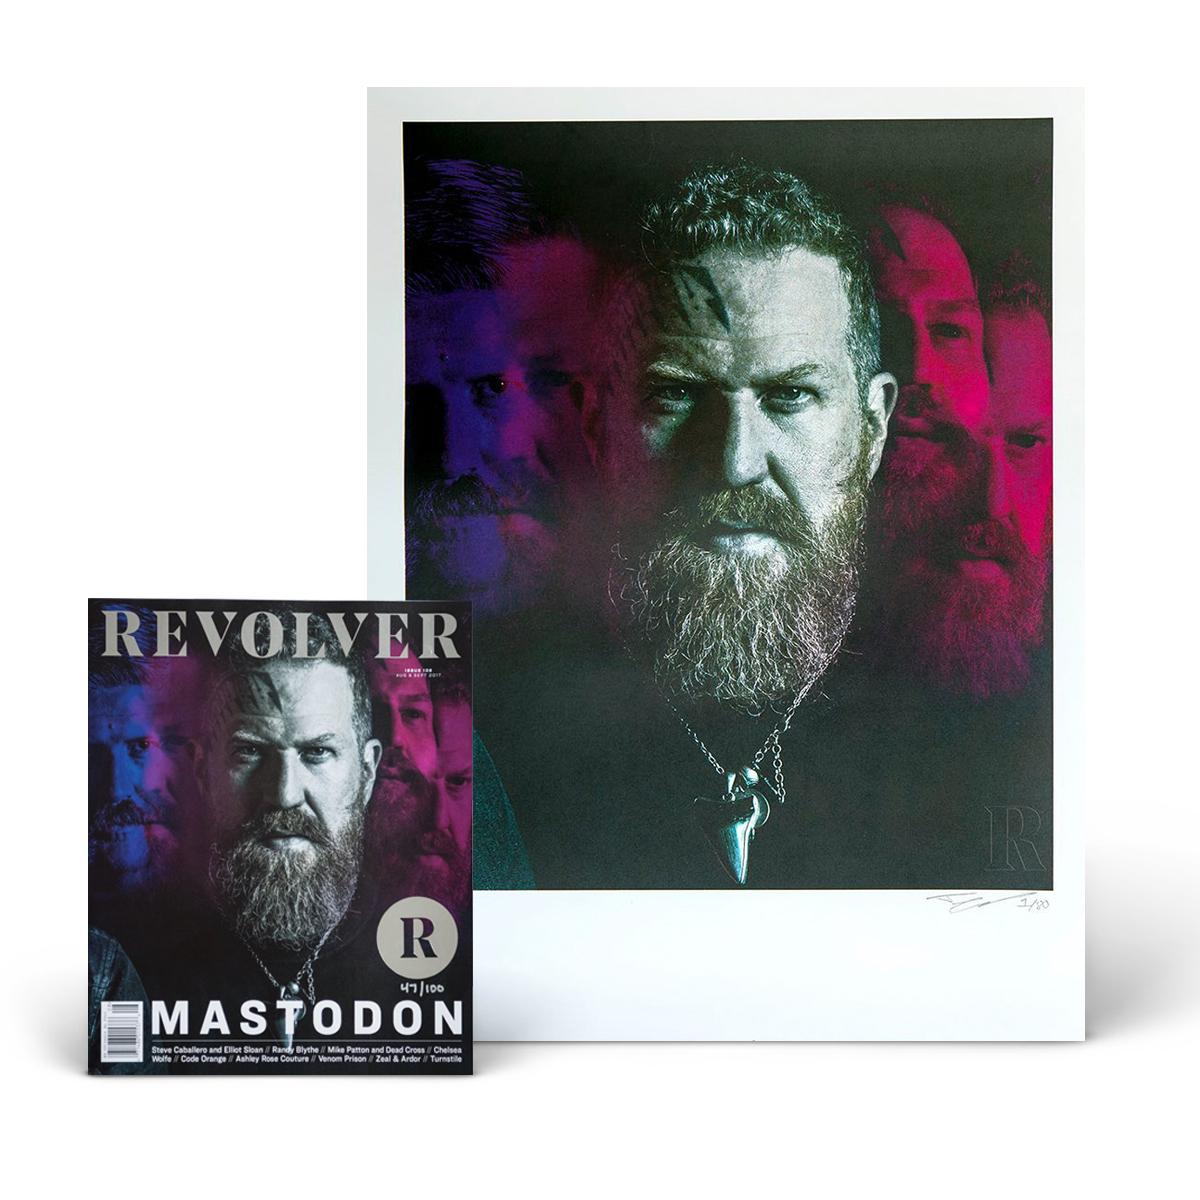 Mastodon Mega Set - SILVER Collector's Edition Four-Pack + Collector's Edition 18 x 24 Mastodon Prints – 4 Print Set